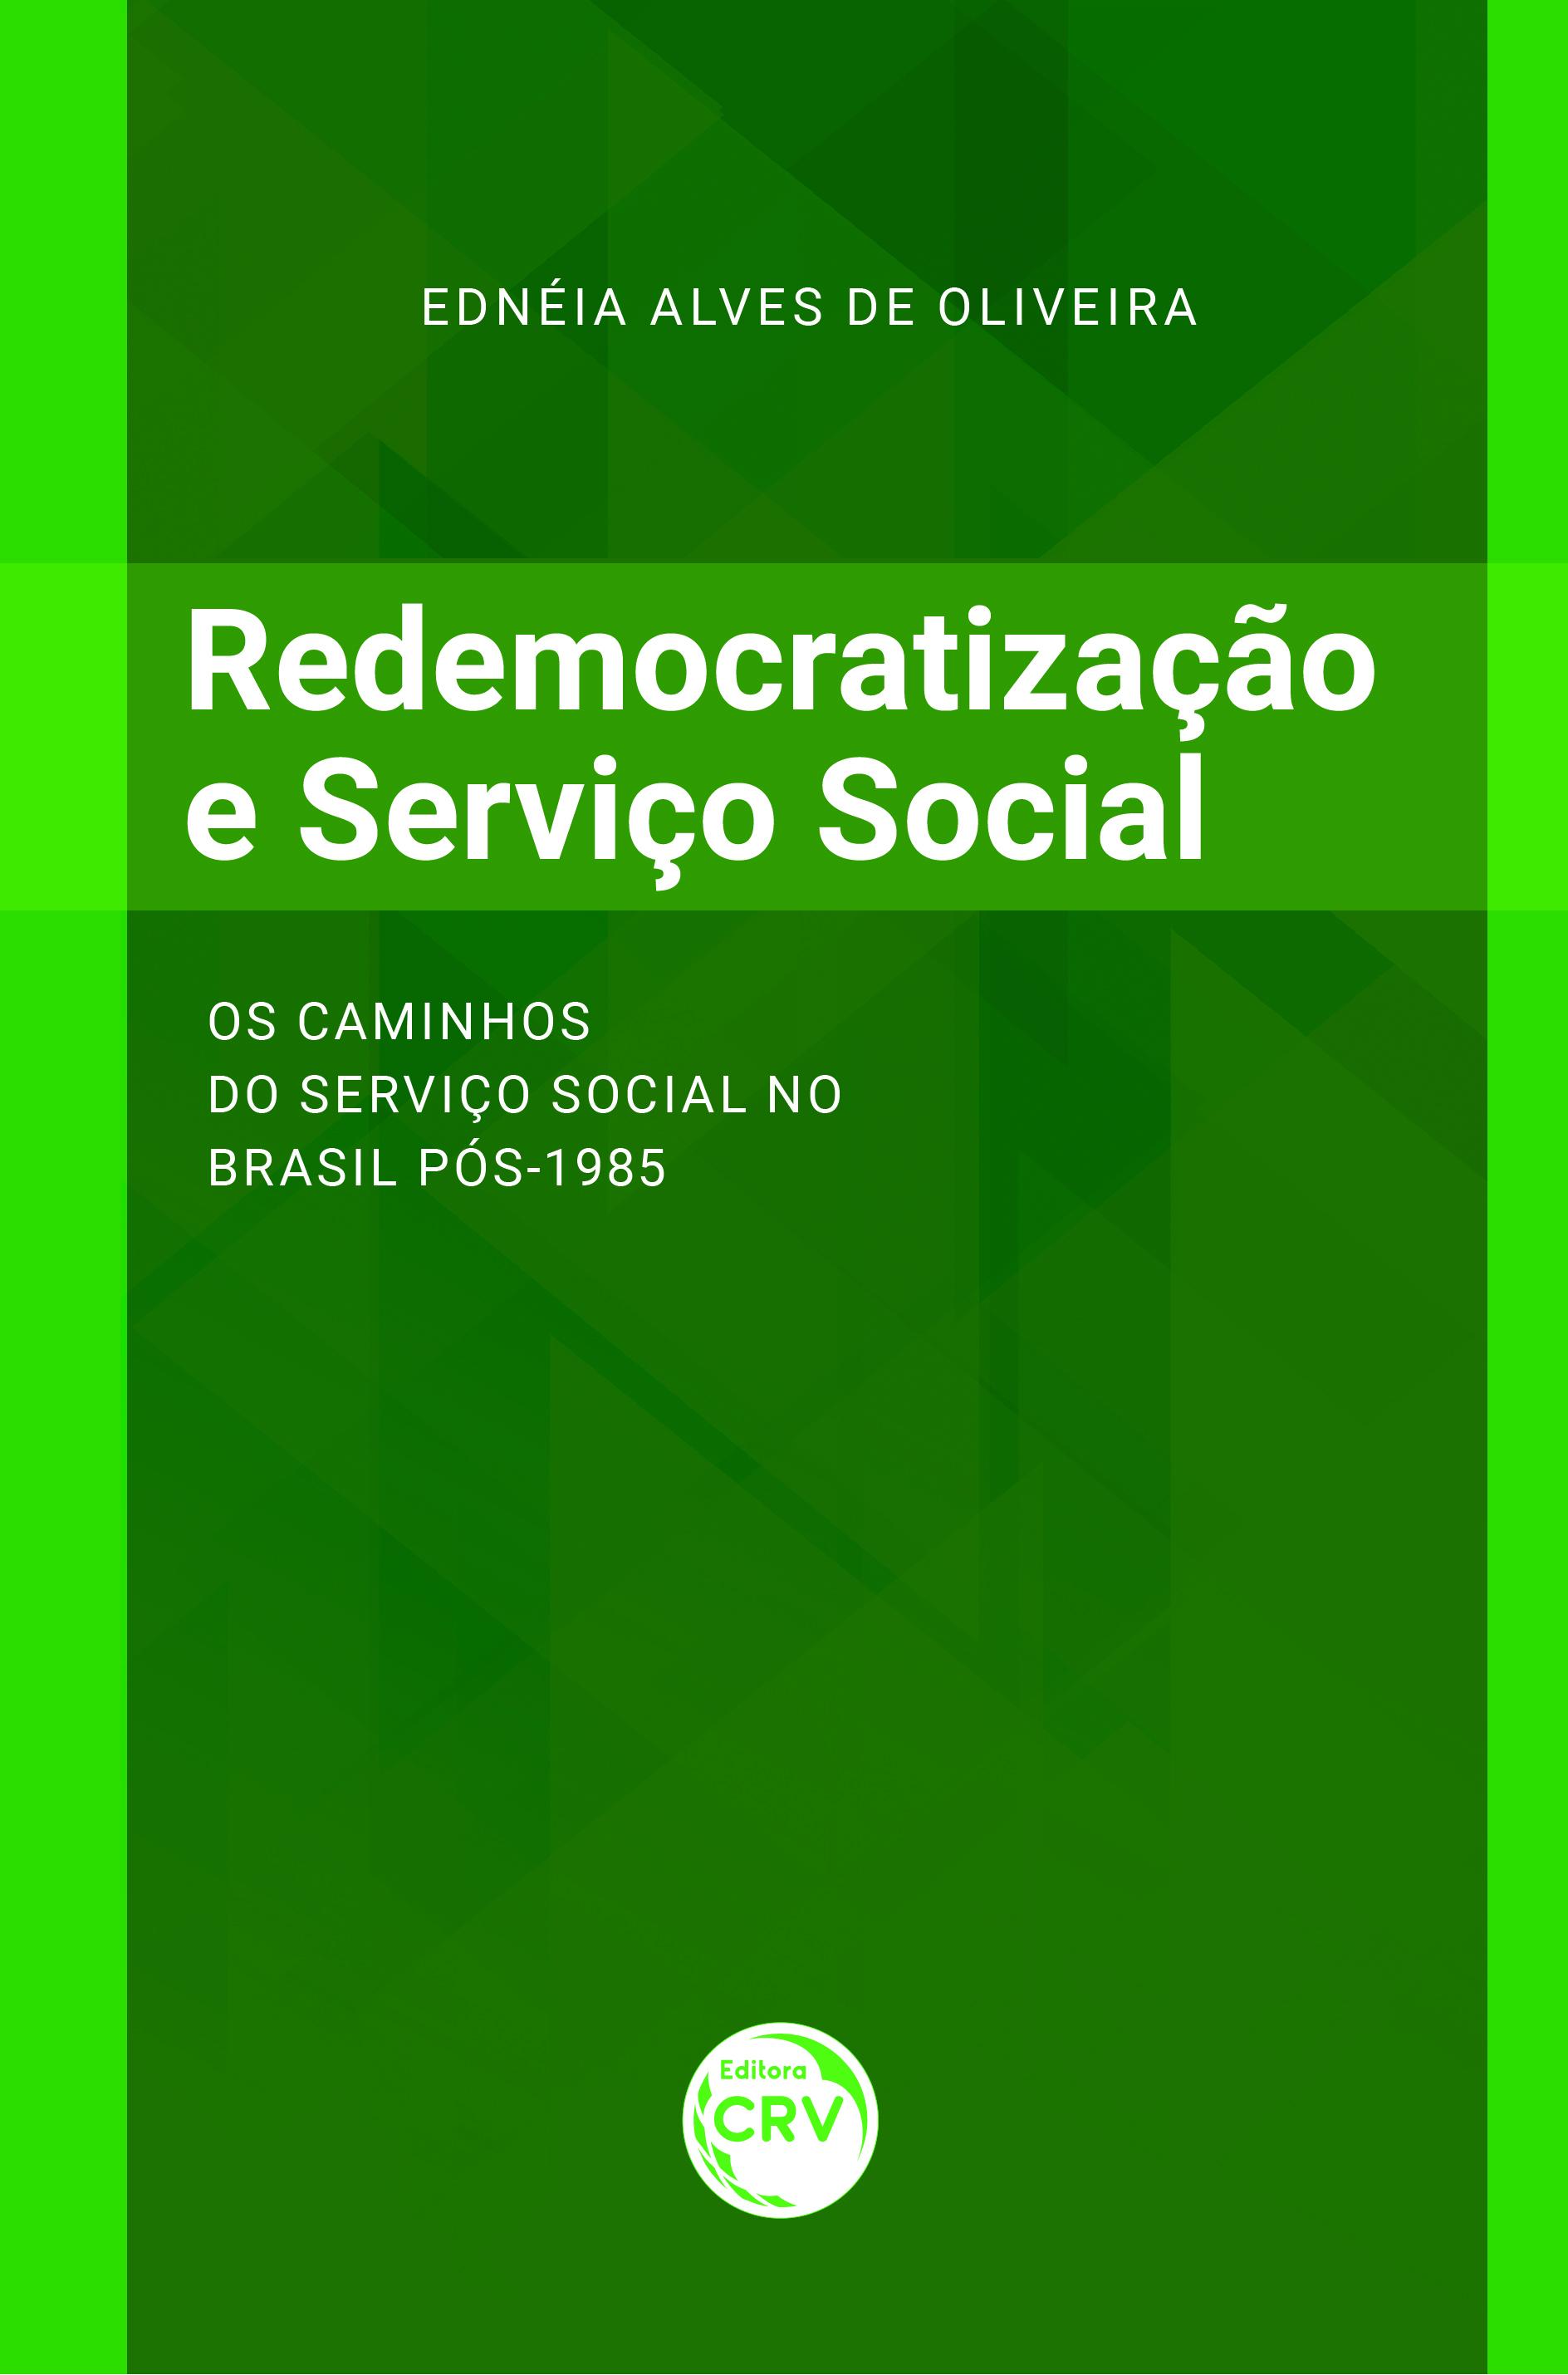 Capa do livro: REDEMOCRATIZAÇÃO E SERVIÇO SOCIAL: <br> Os caminhos do Serviço Social no Brasil pós-1985